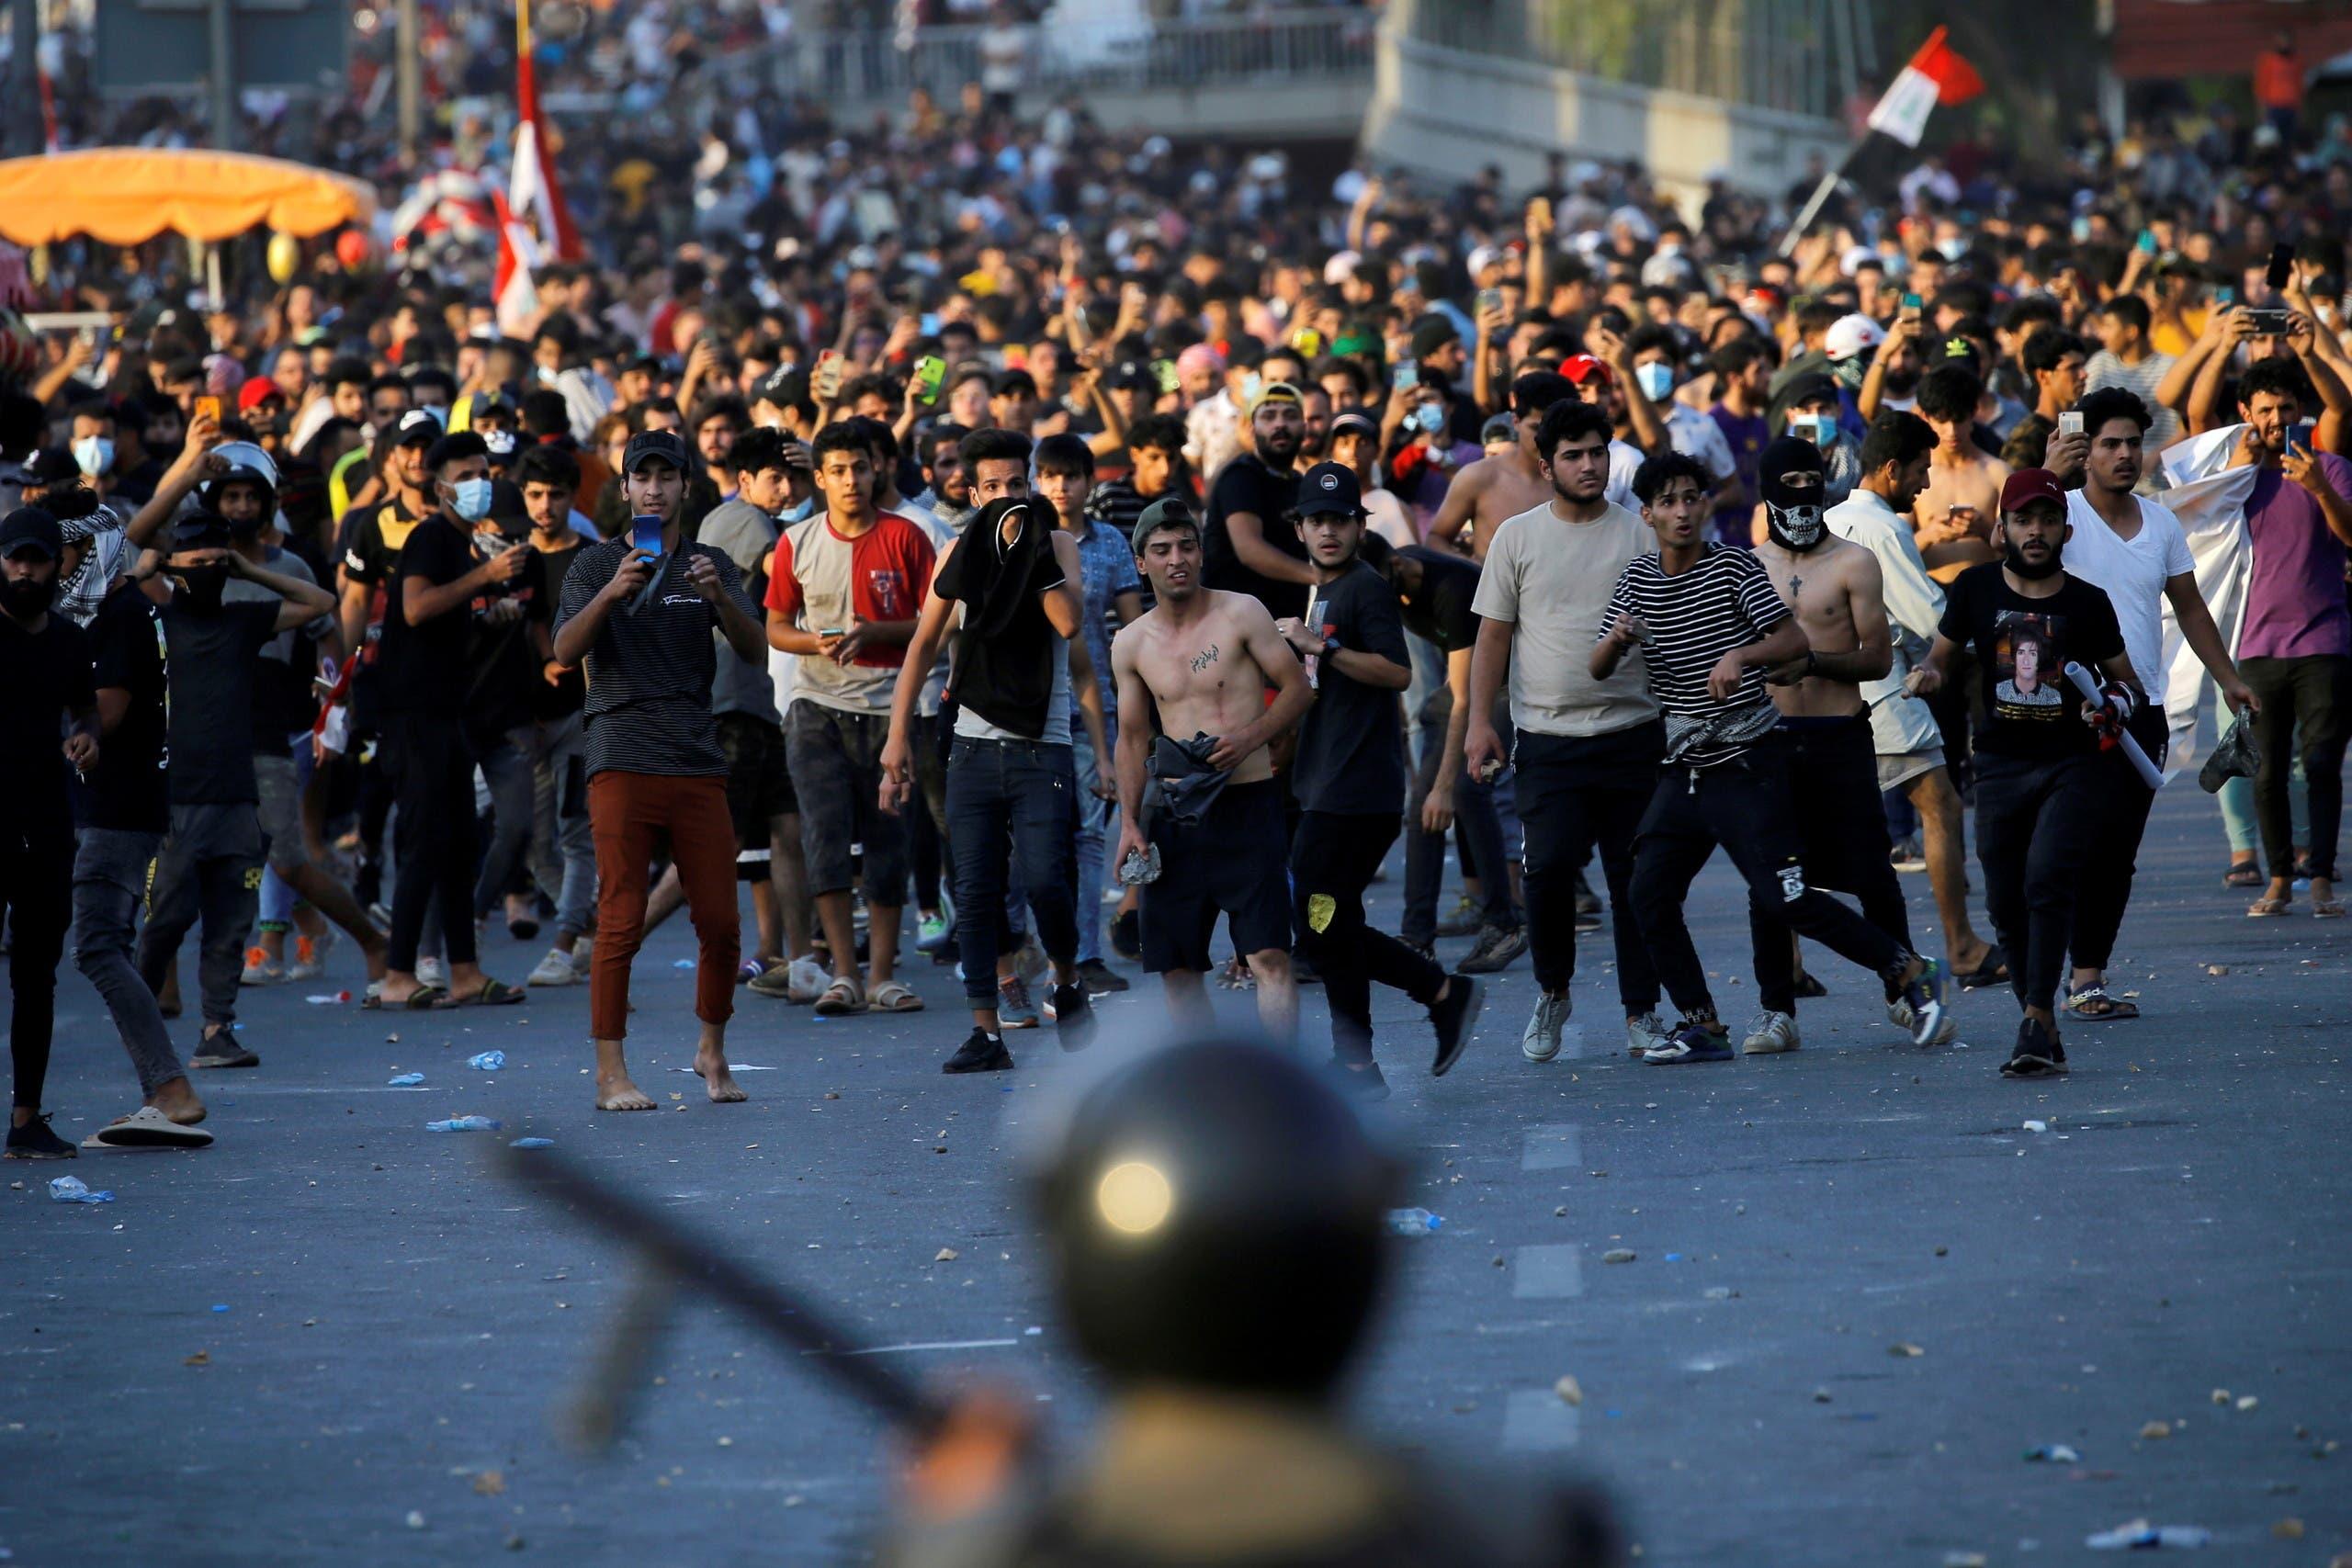 تظاهرات في بغداد في 25 أيار 2021 (رويترز)